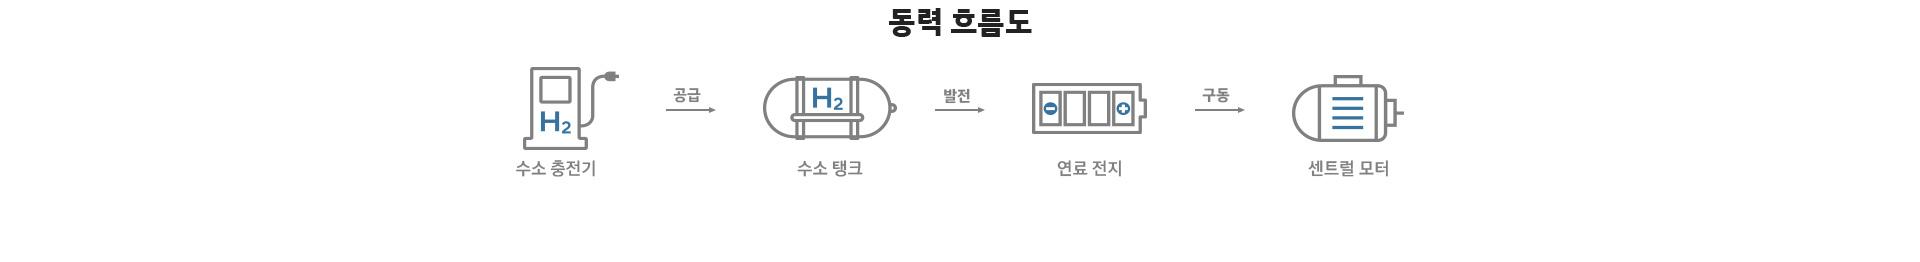 동력 흐름도 : 수소 충전기 → 공급 → 수소 탱크 → 발전 → 연료 전지 → 구동 → 센트럴 모터